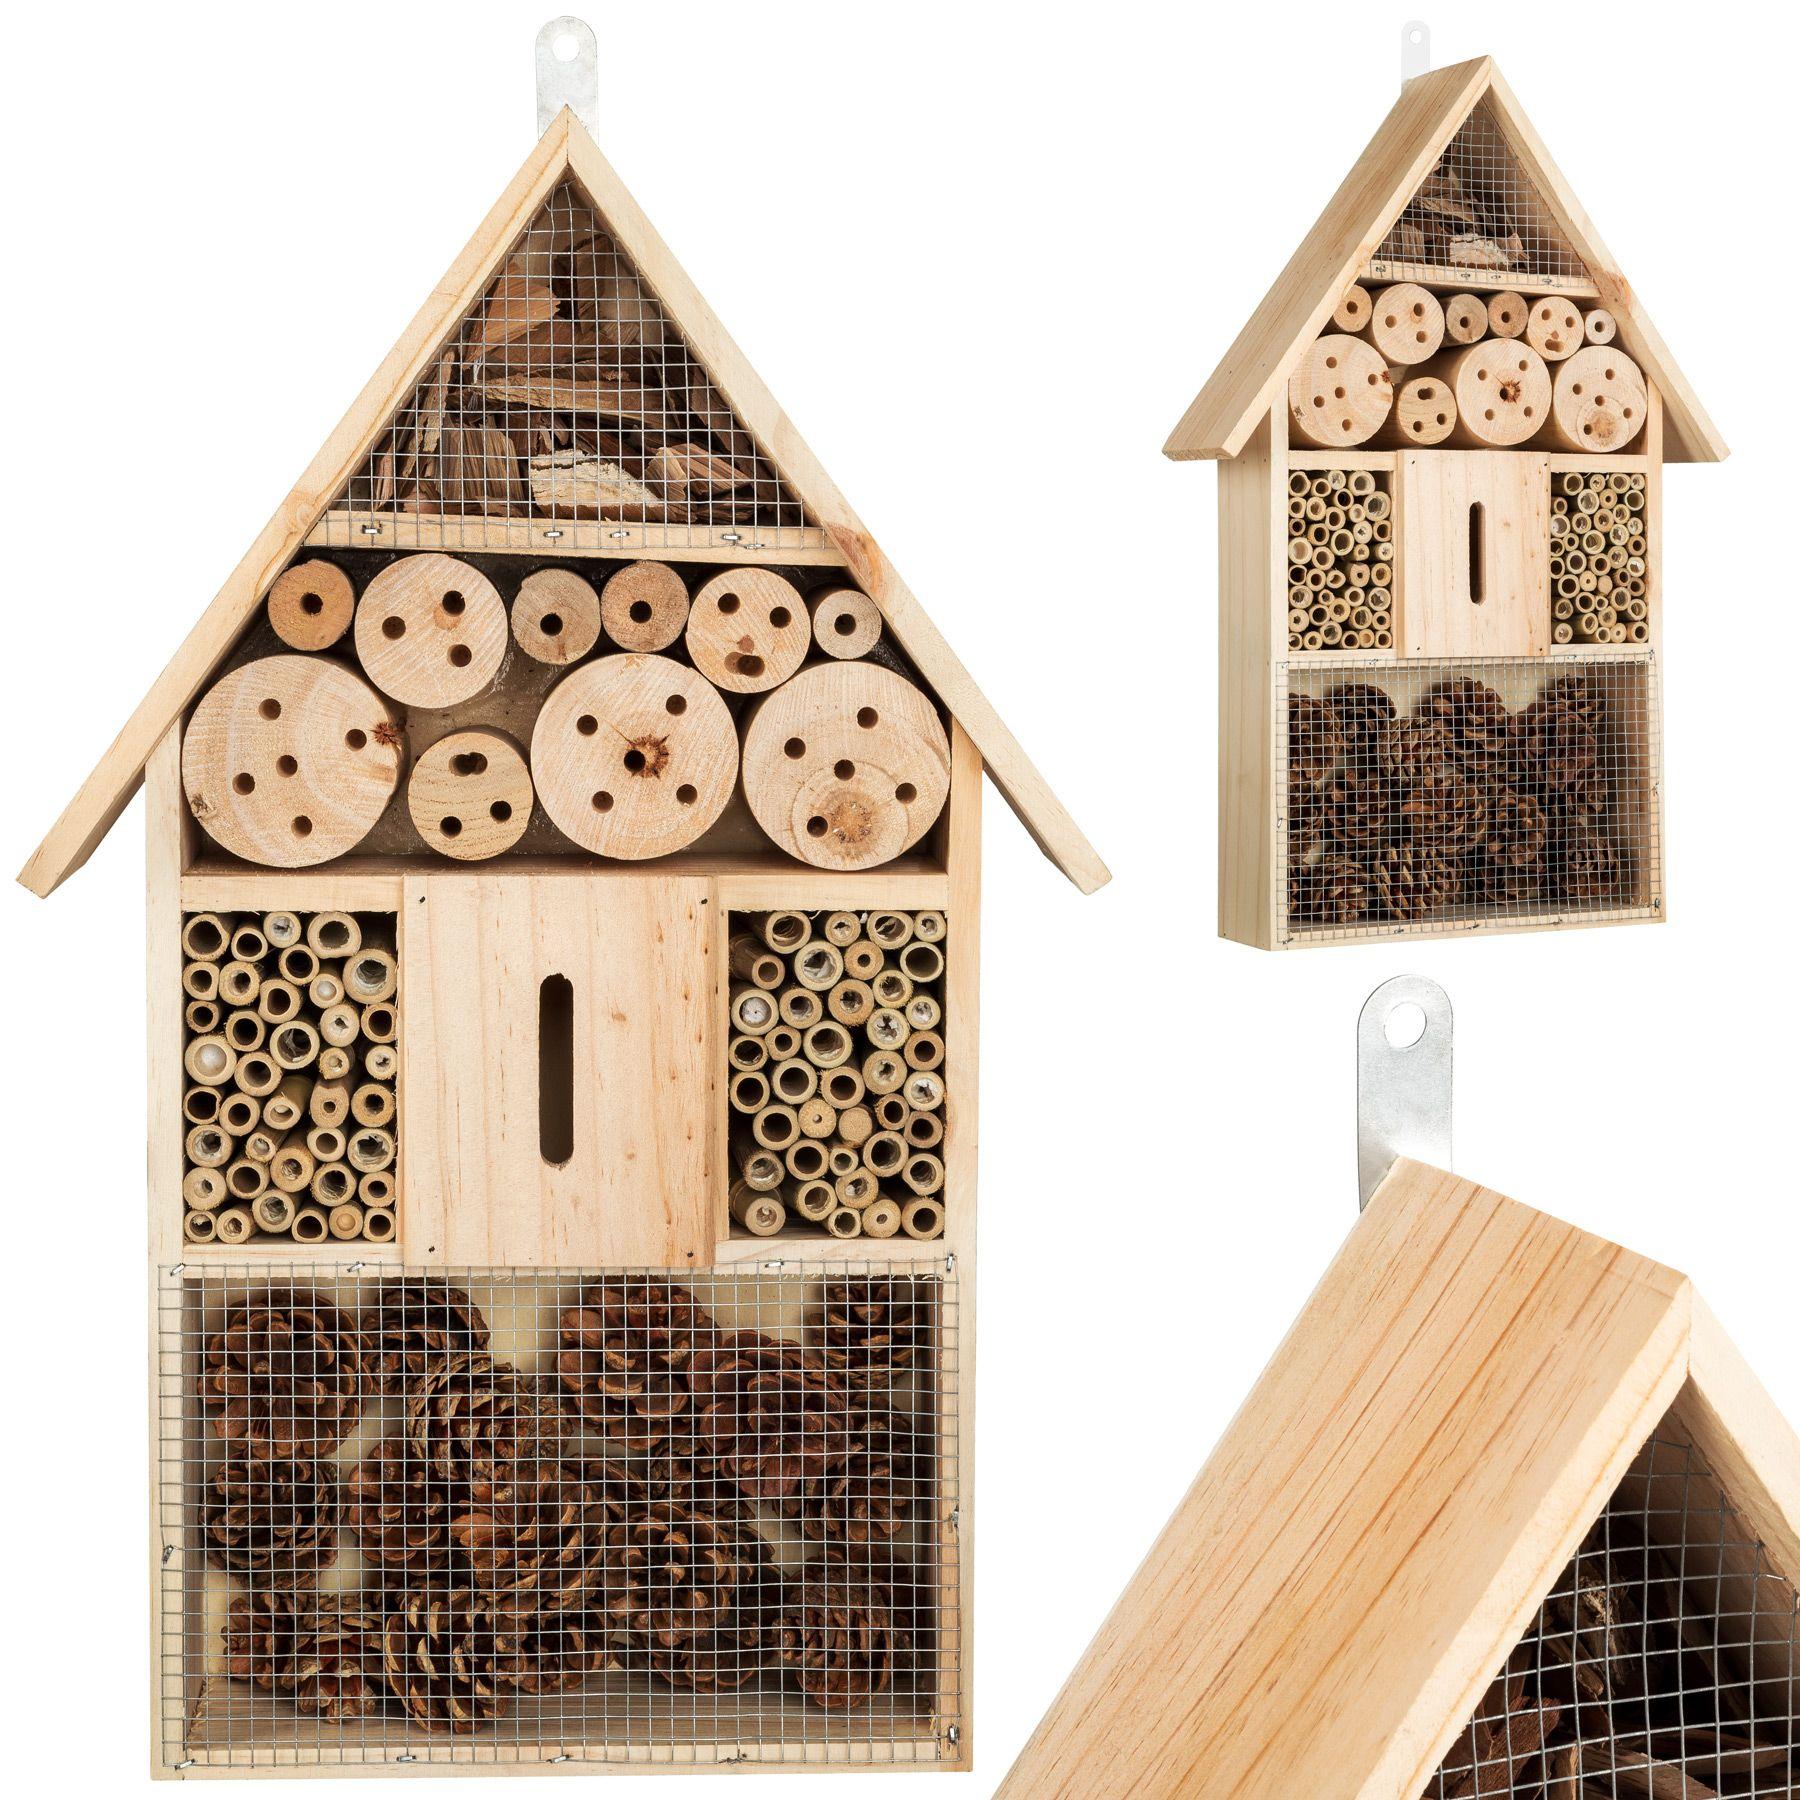 xxl h tel bo te insectes 48 cm maison des insectes en bois jardin balcon ebay